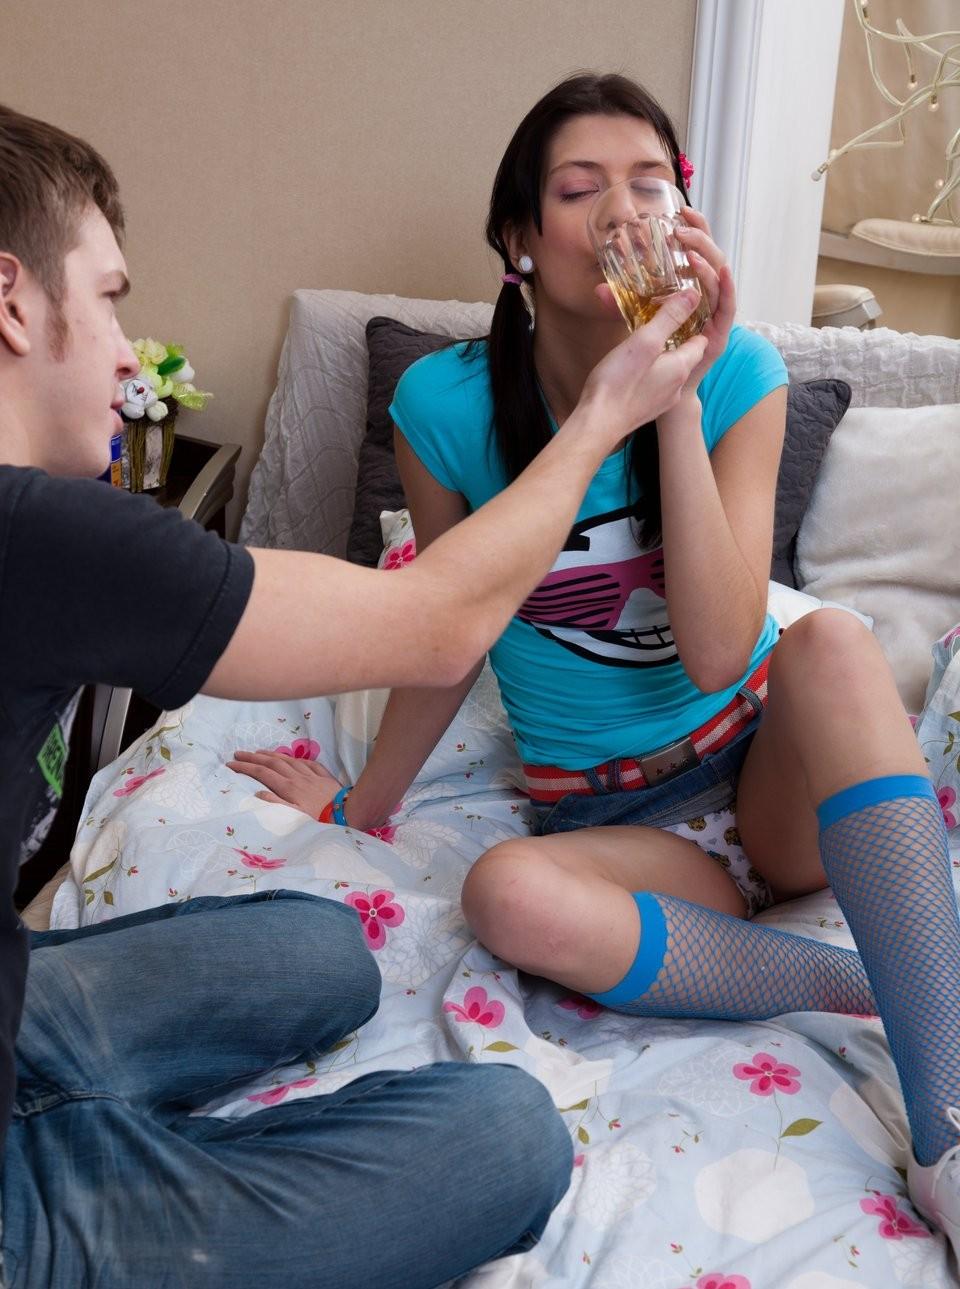 Парень предлагает подруге алкоголь, она расслабляется и подставляет свой анус для первого анального секса, порево будет незабываемым